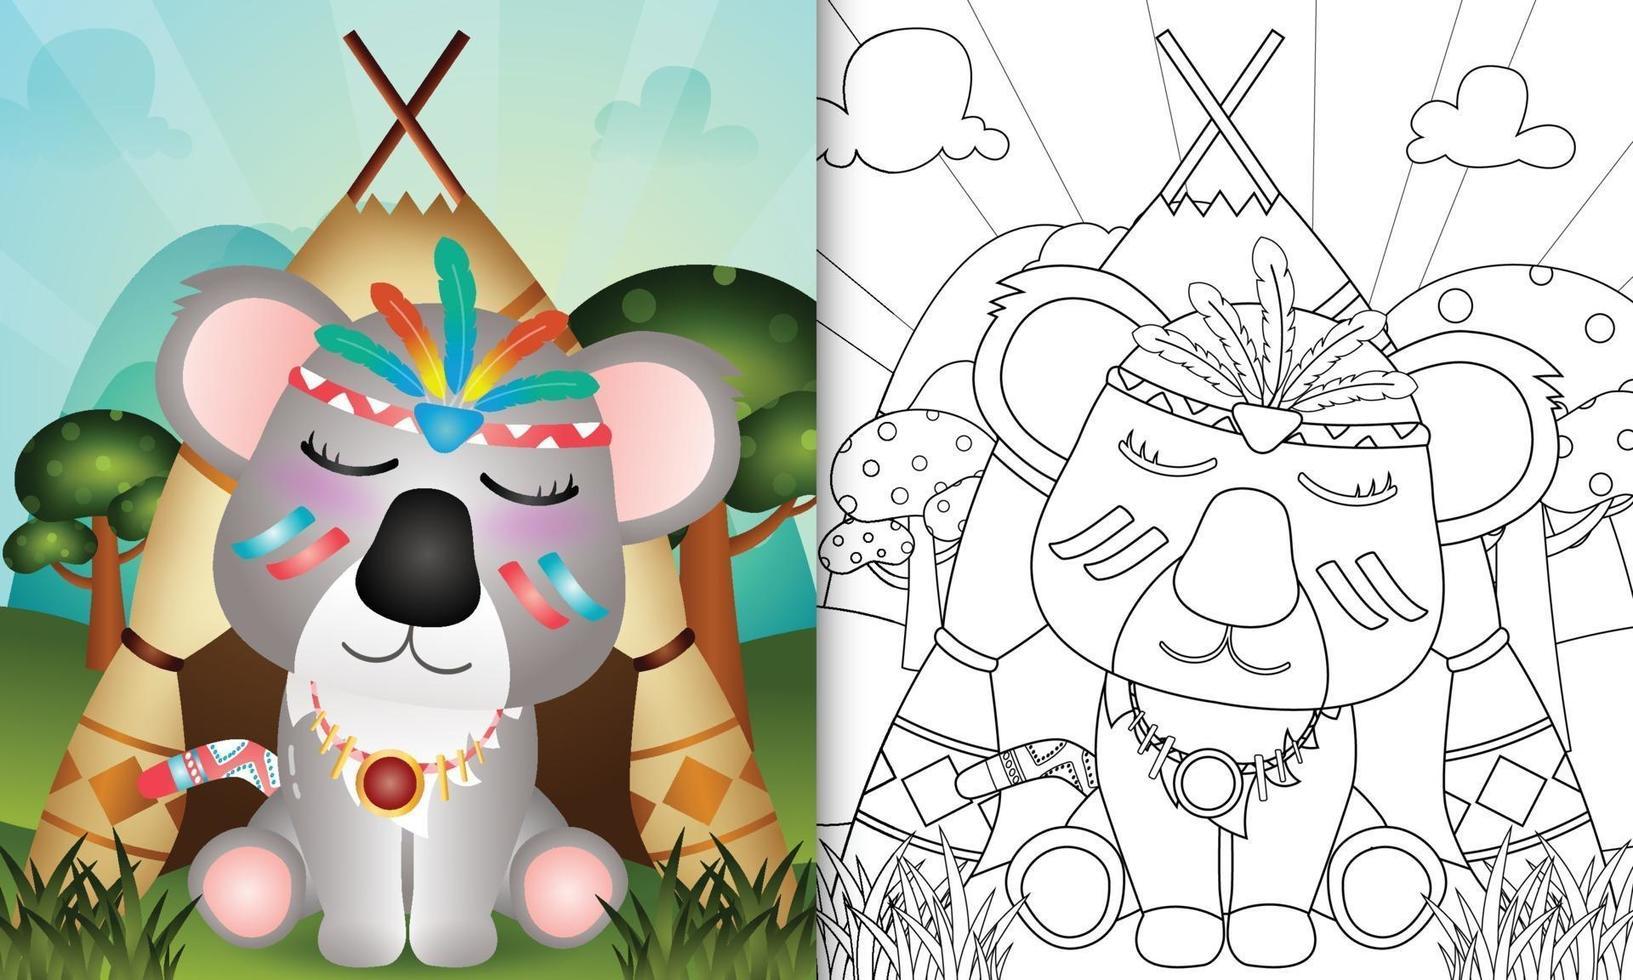 modèle de livre de coloriage pour les enfants avec une illustration de personnage koala tribal boho mignon vecteur